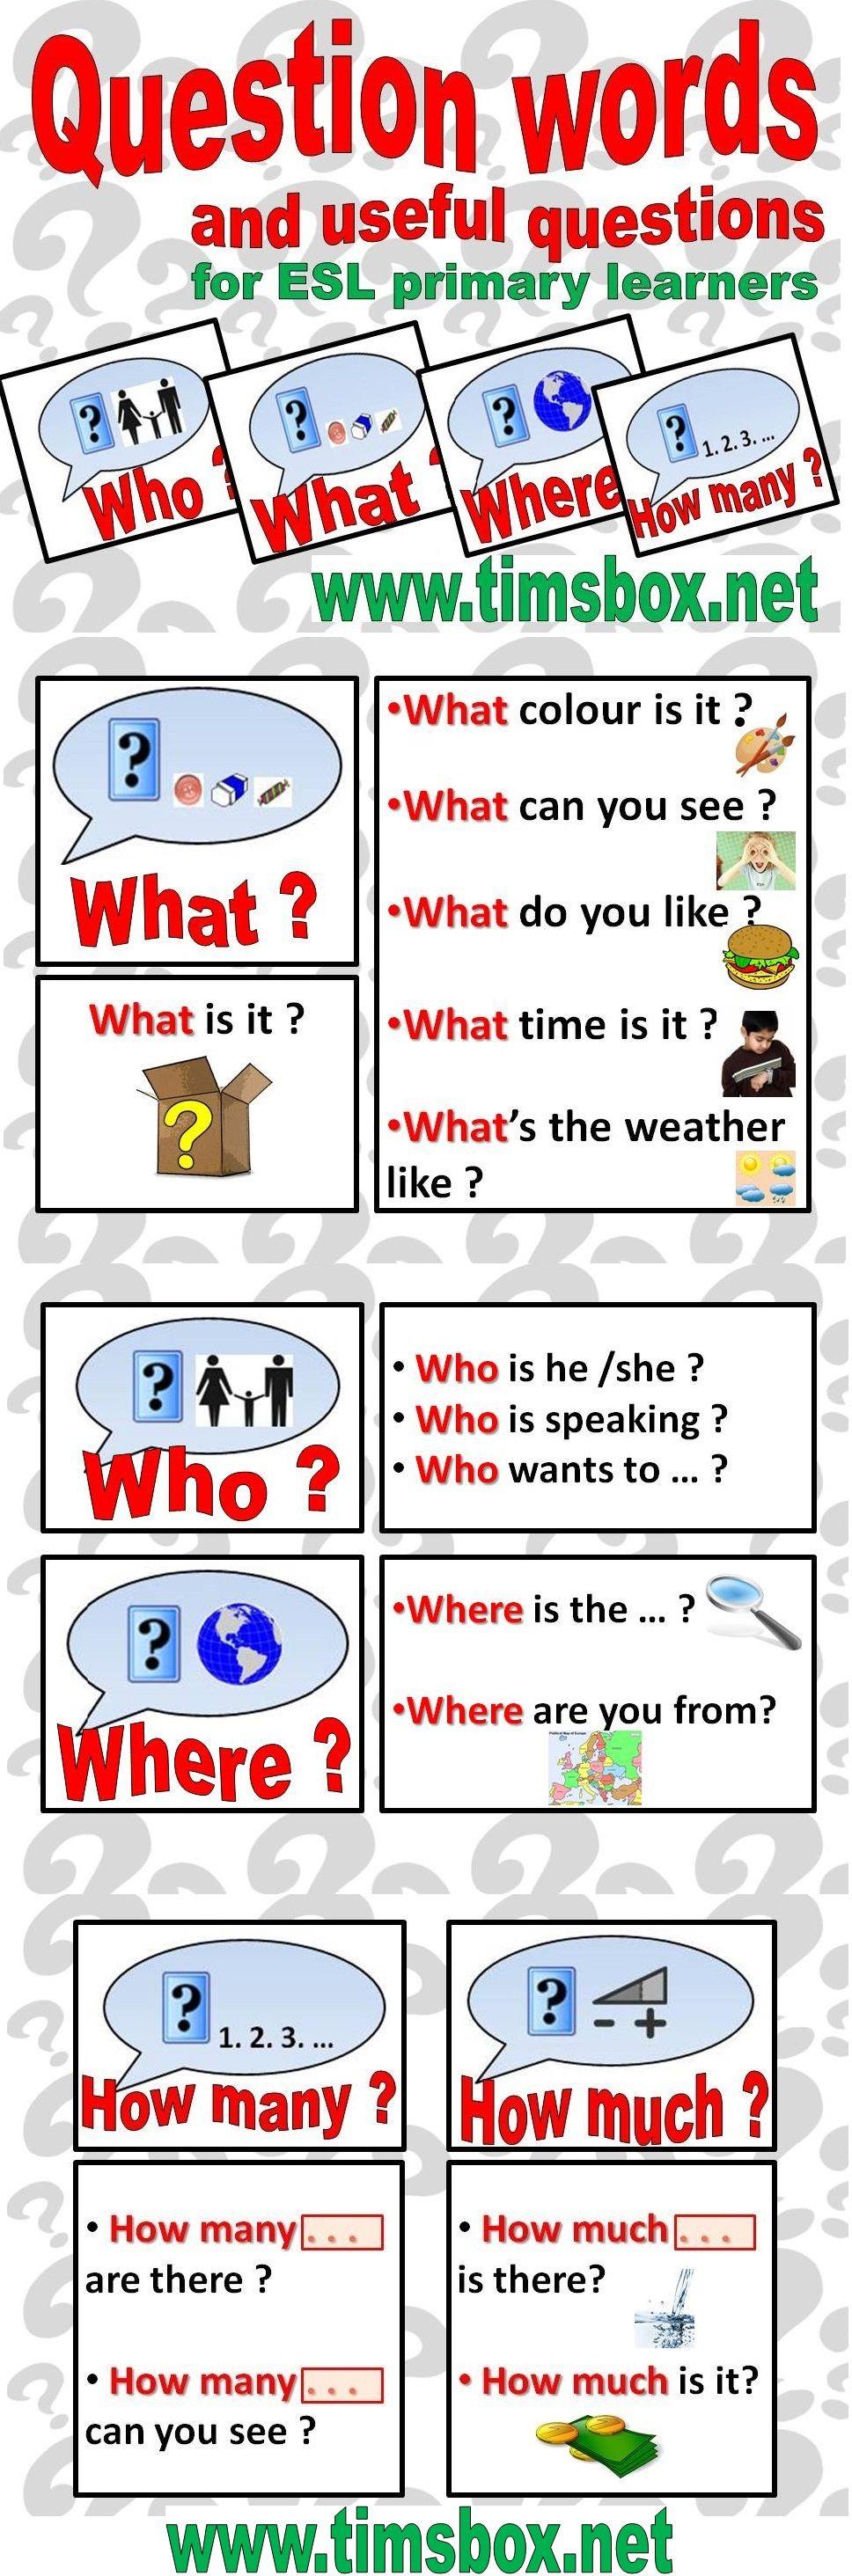 Questions Utiles En Anglais Au Primaire Apprendre L Anglais Apprentissage De L Anglais Enseigner L Anglais